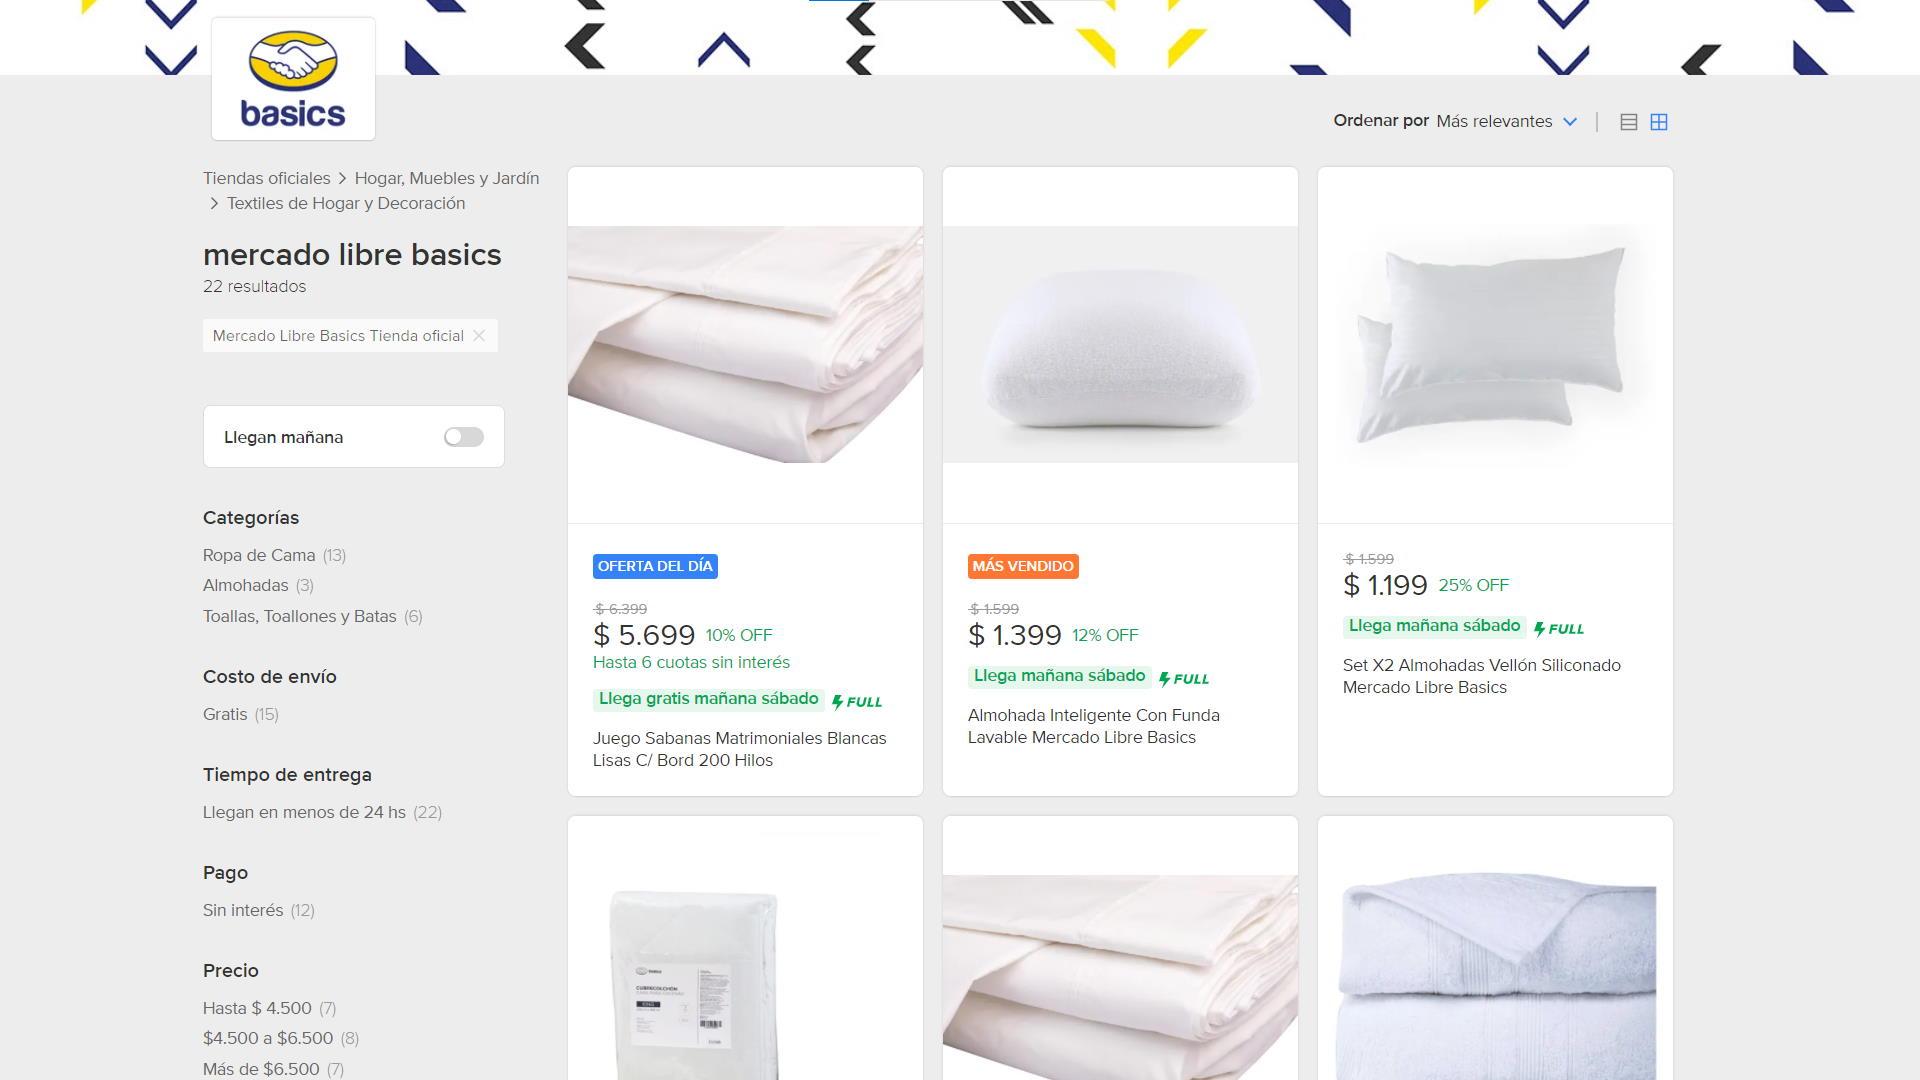 Mercado Libre Basics: la marca propia de blanquería del unicornio tiene tienda oficial